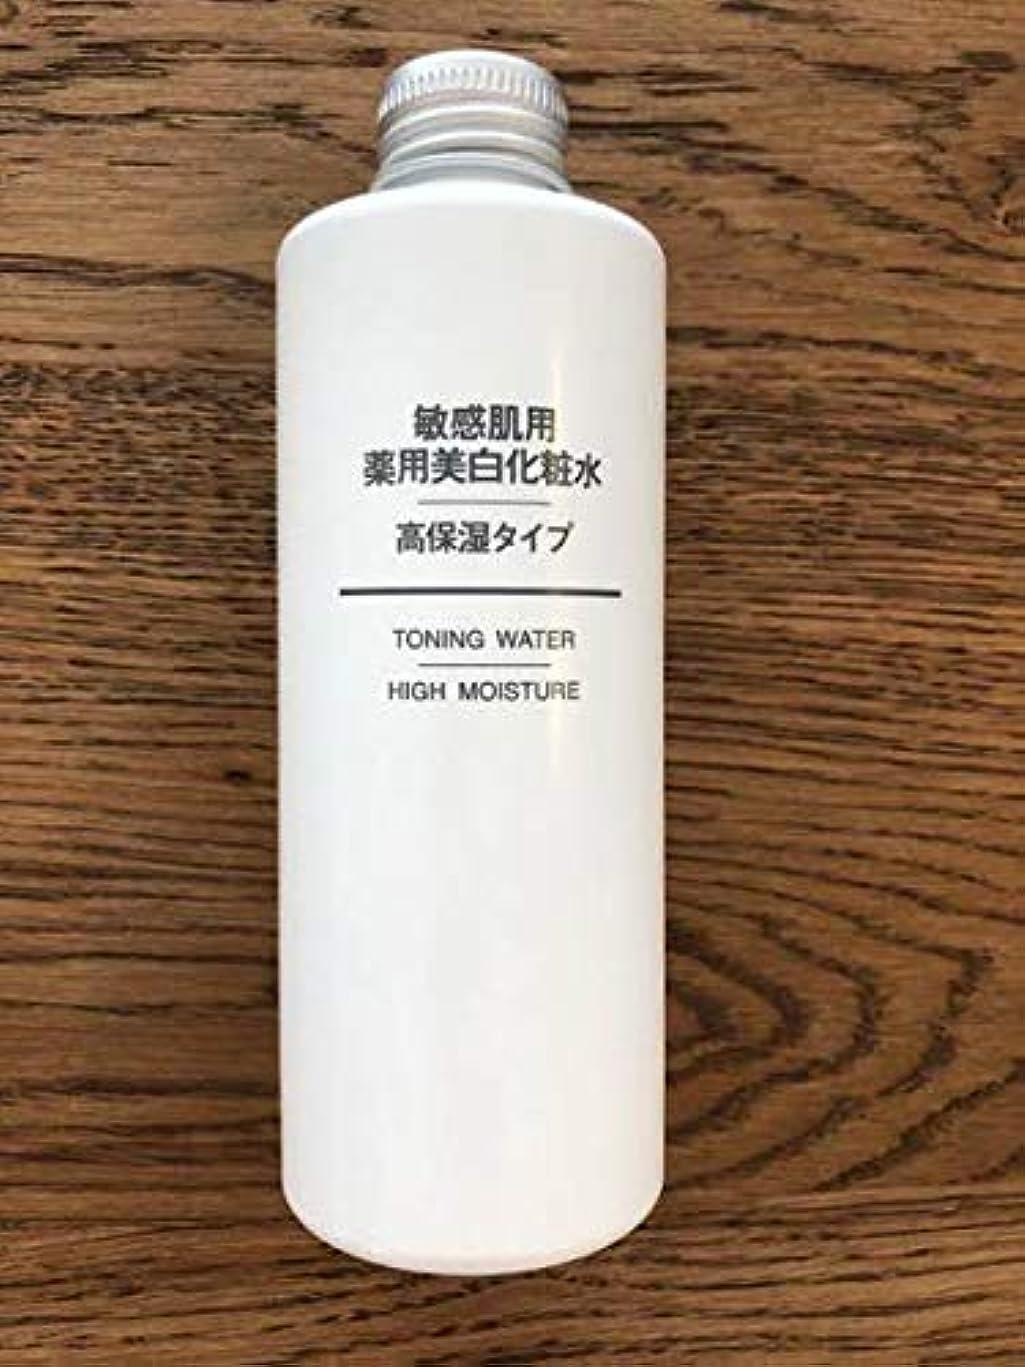 落ち着いて色合いにんじん無印良品 敏感肌用 薬用美白化粧水 高保湿タイプ (新)200ml